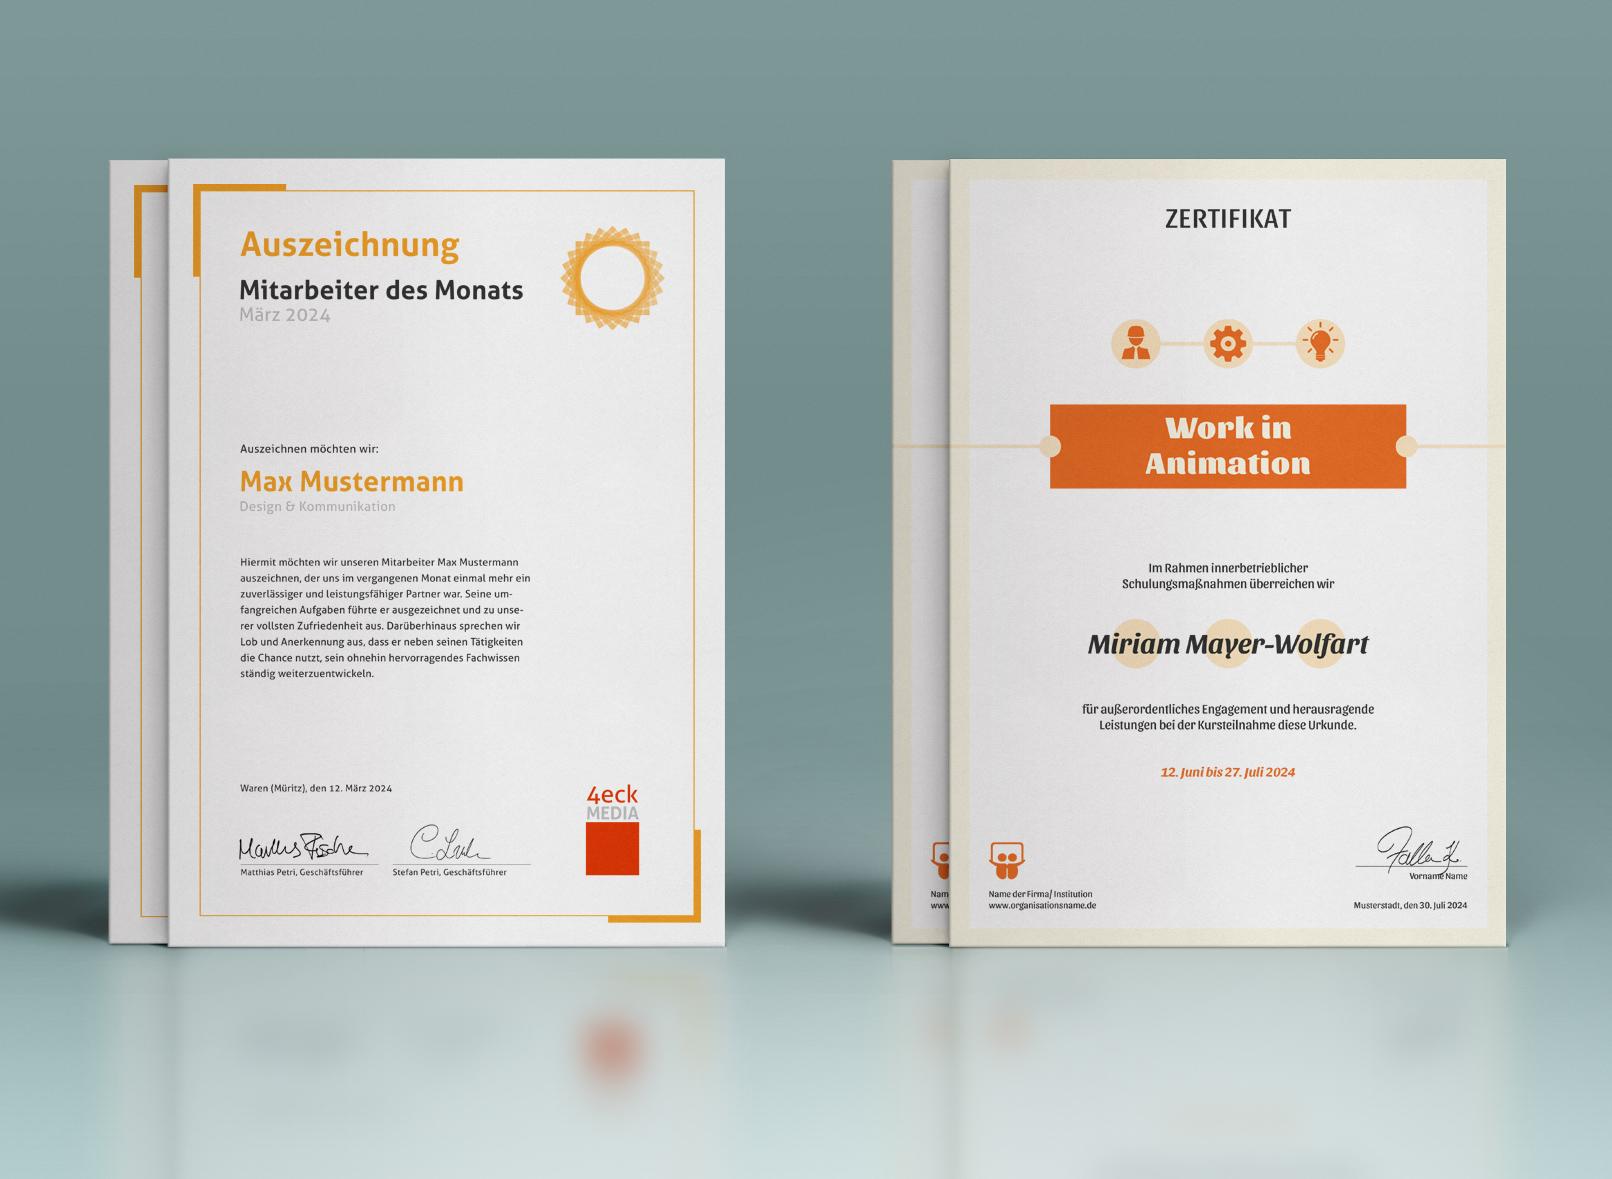 Vorlagen für Urkunden und Zertifikate zum Download, Gestalten und Ausdrucken – Mitarbeiter des Monats